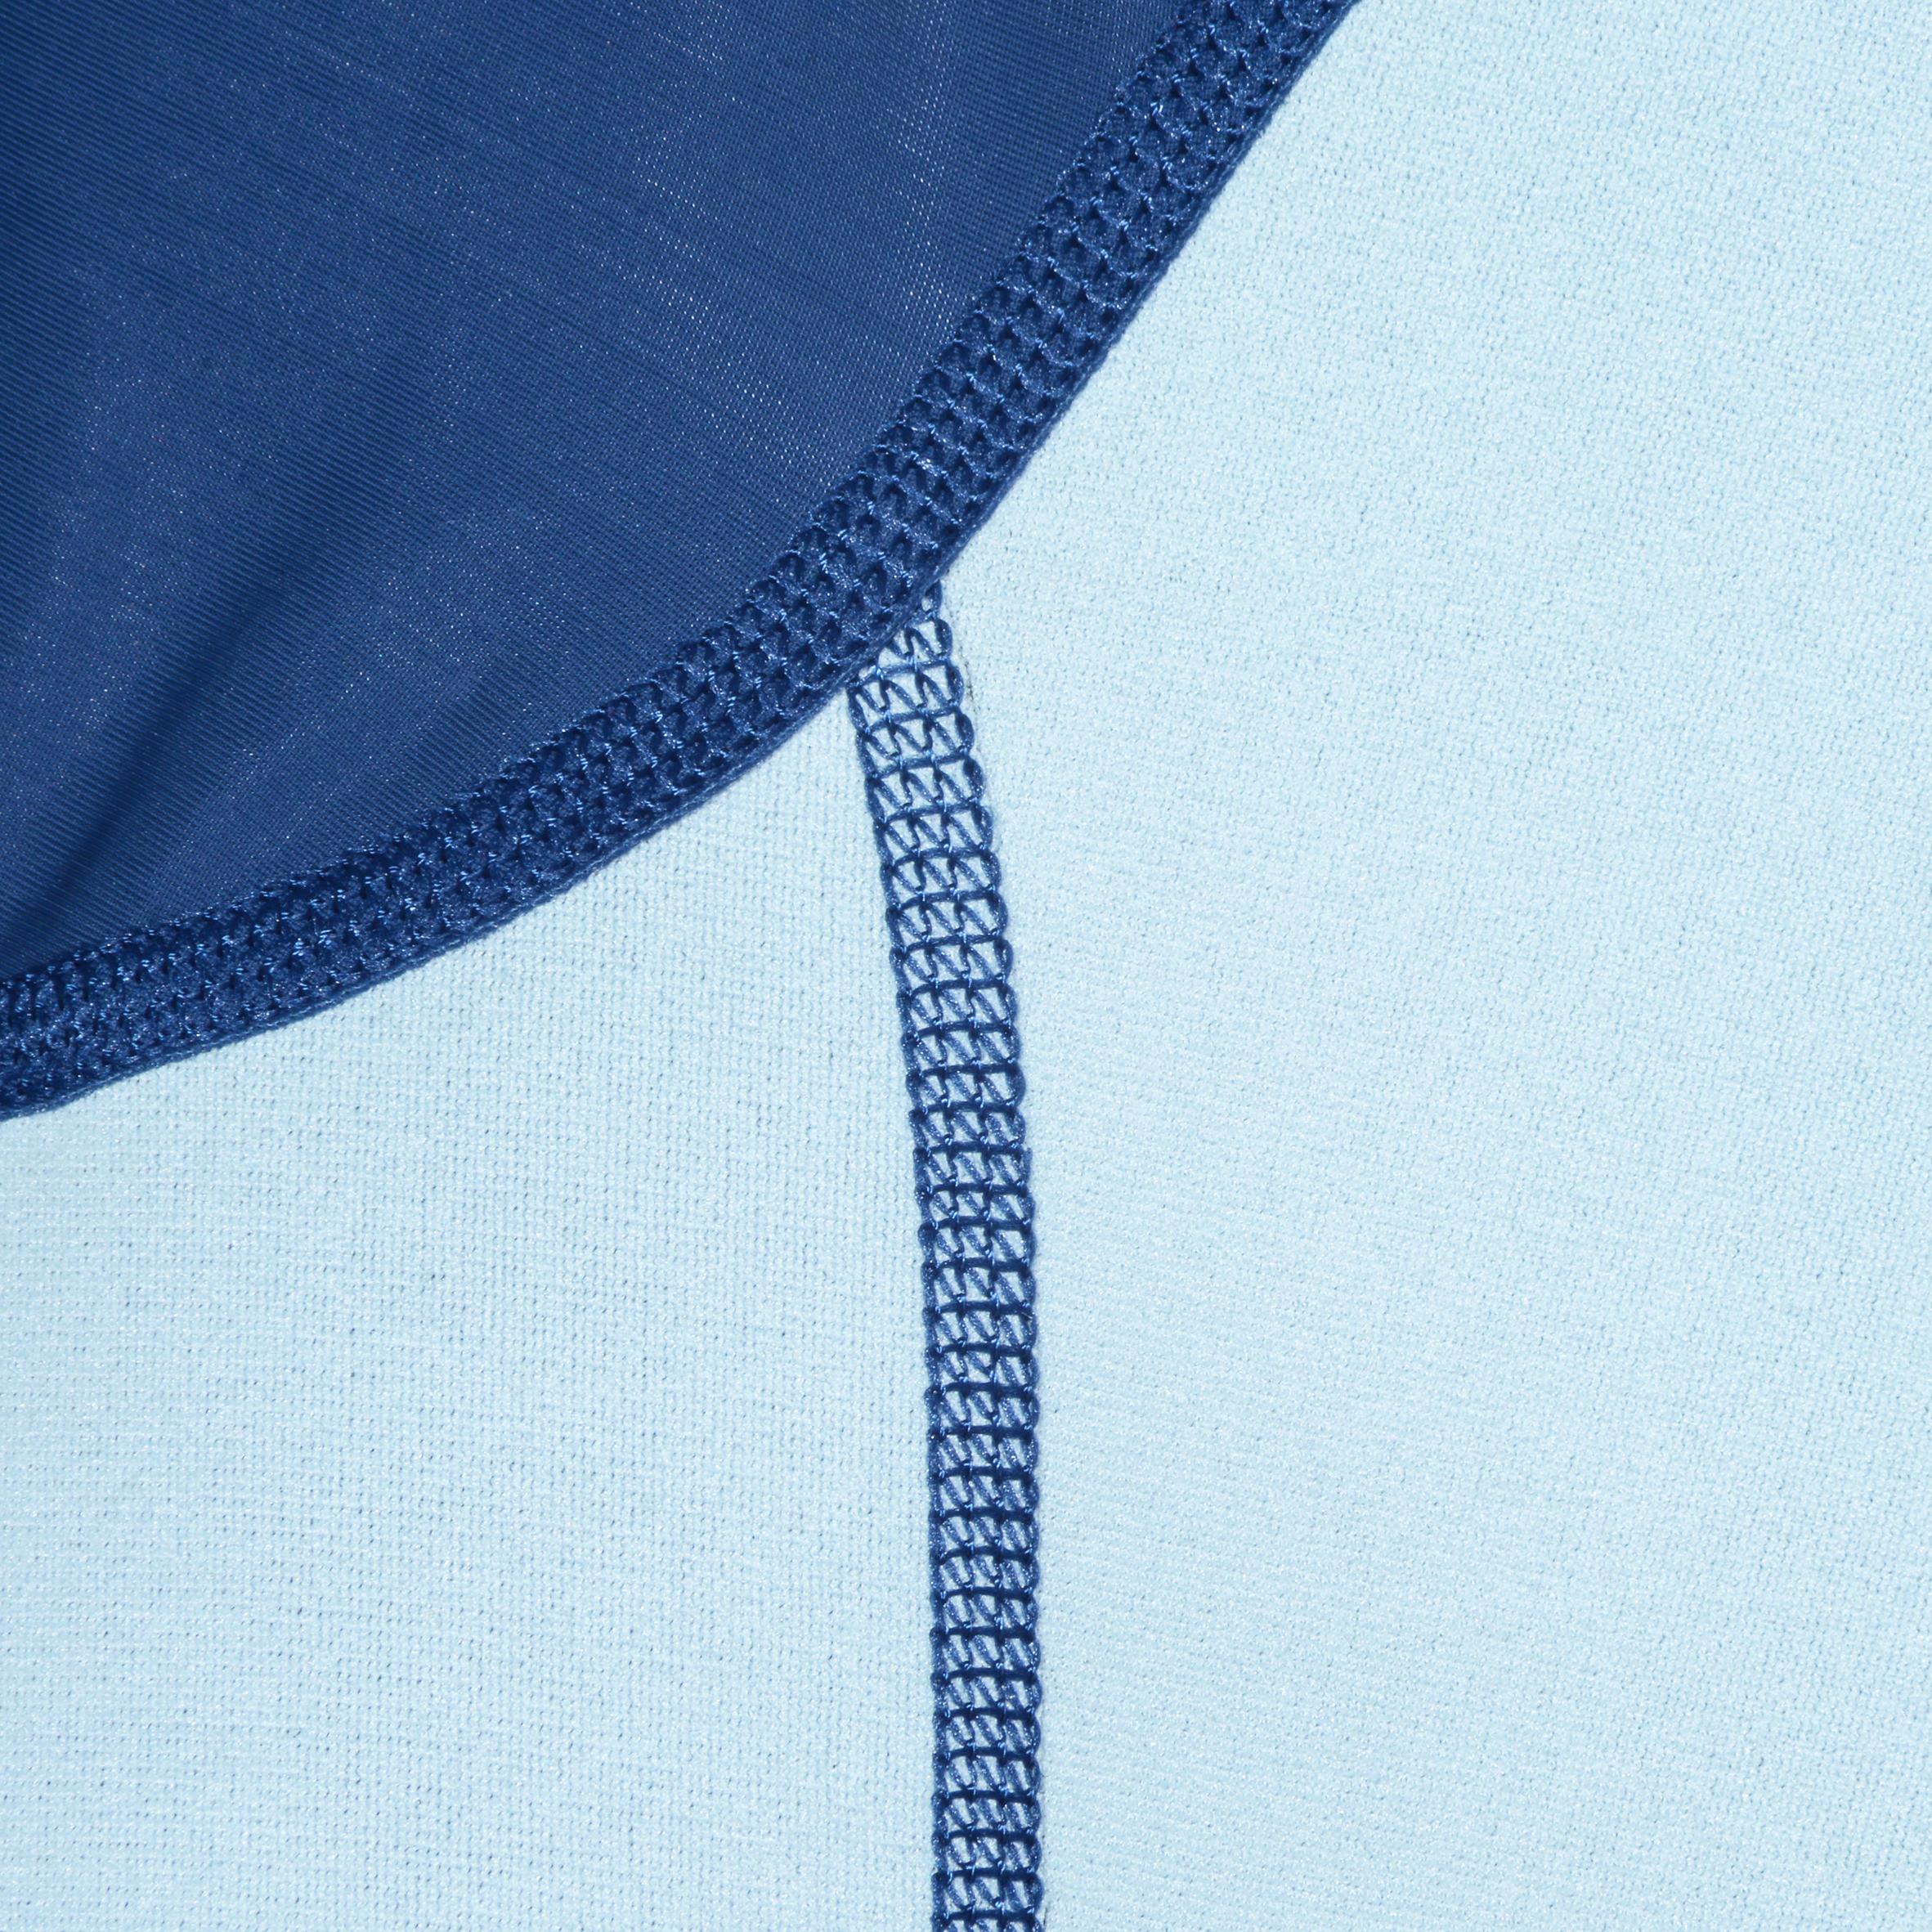 Haut de snorkeling 1,5 mm SNK 100 homme bleu foncé